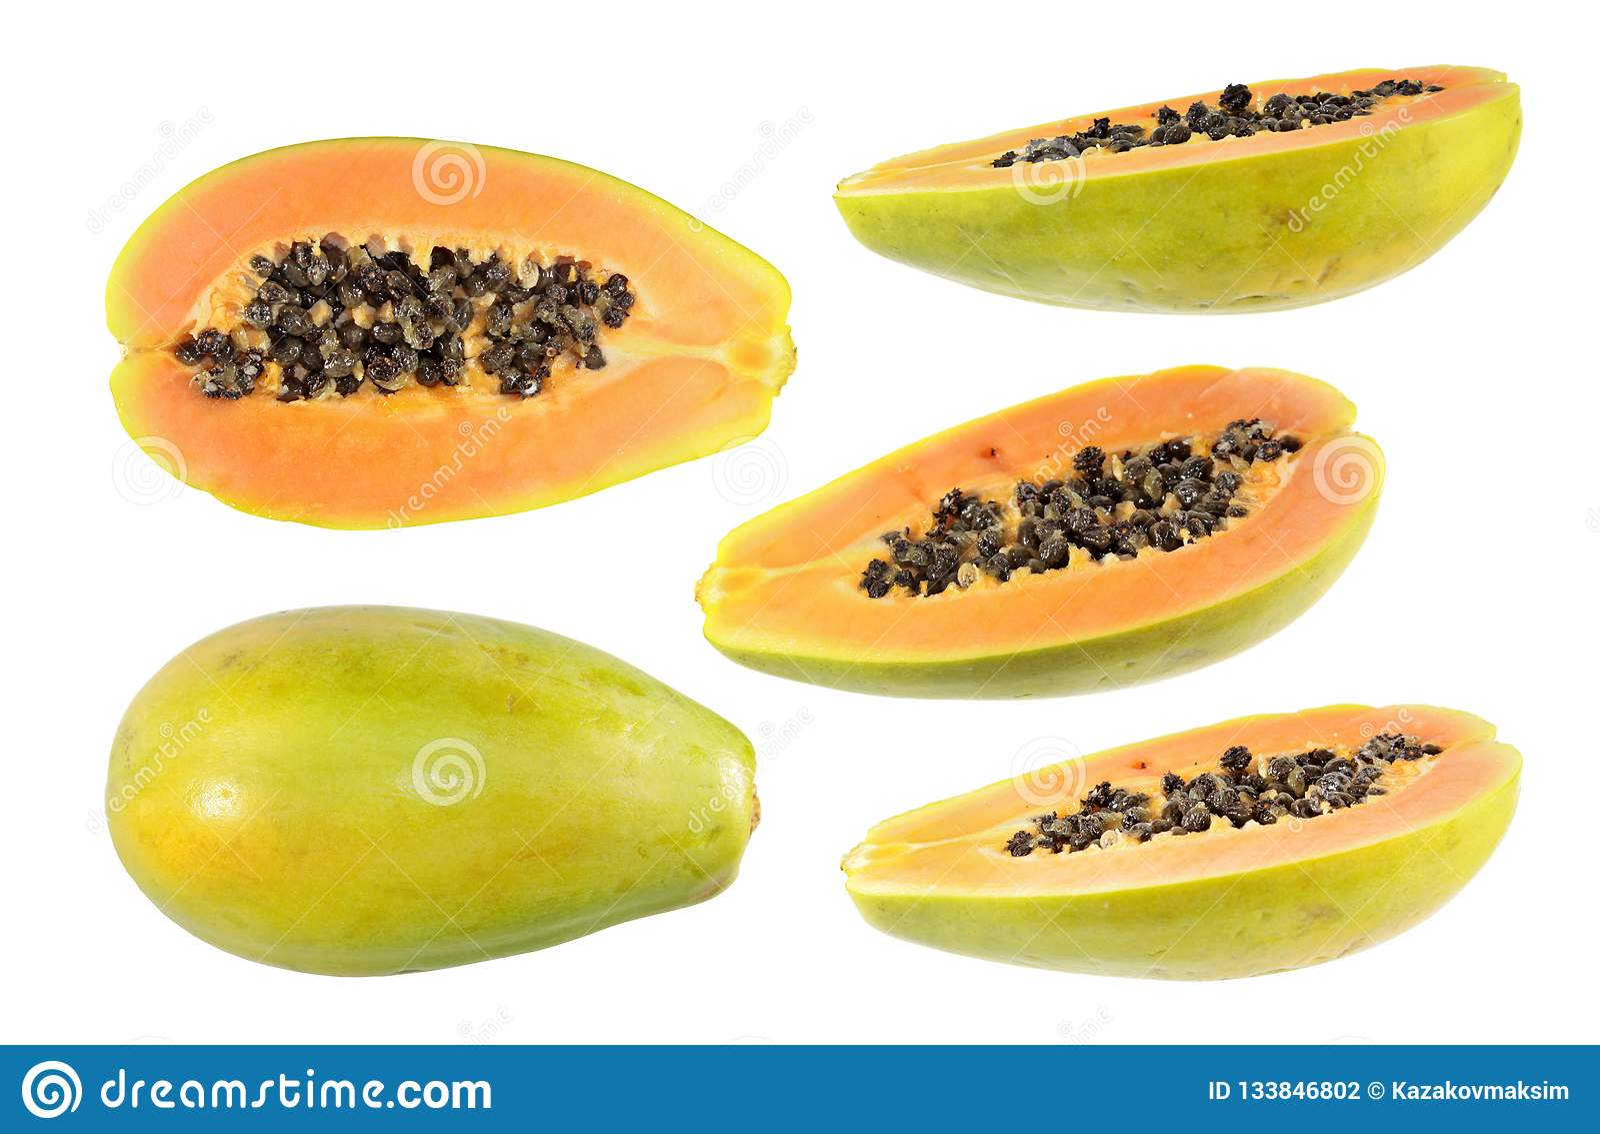 Большой набор неполной вырубки и всех плодов папапайи изолированных на белой предпосылке